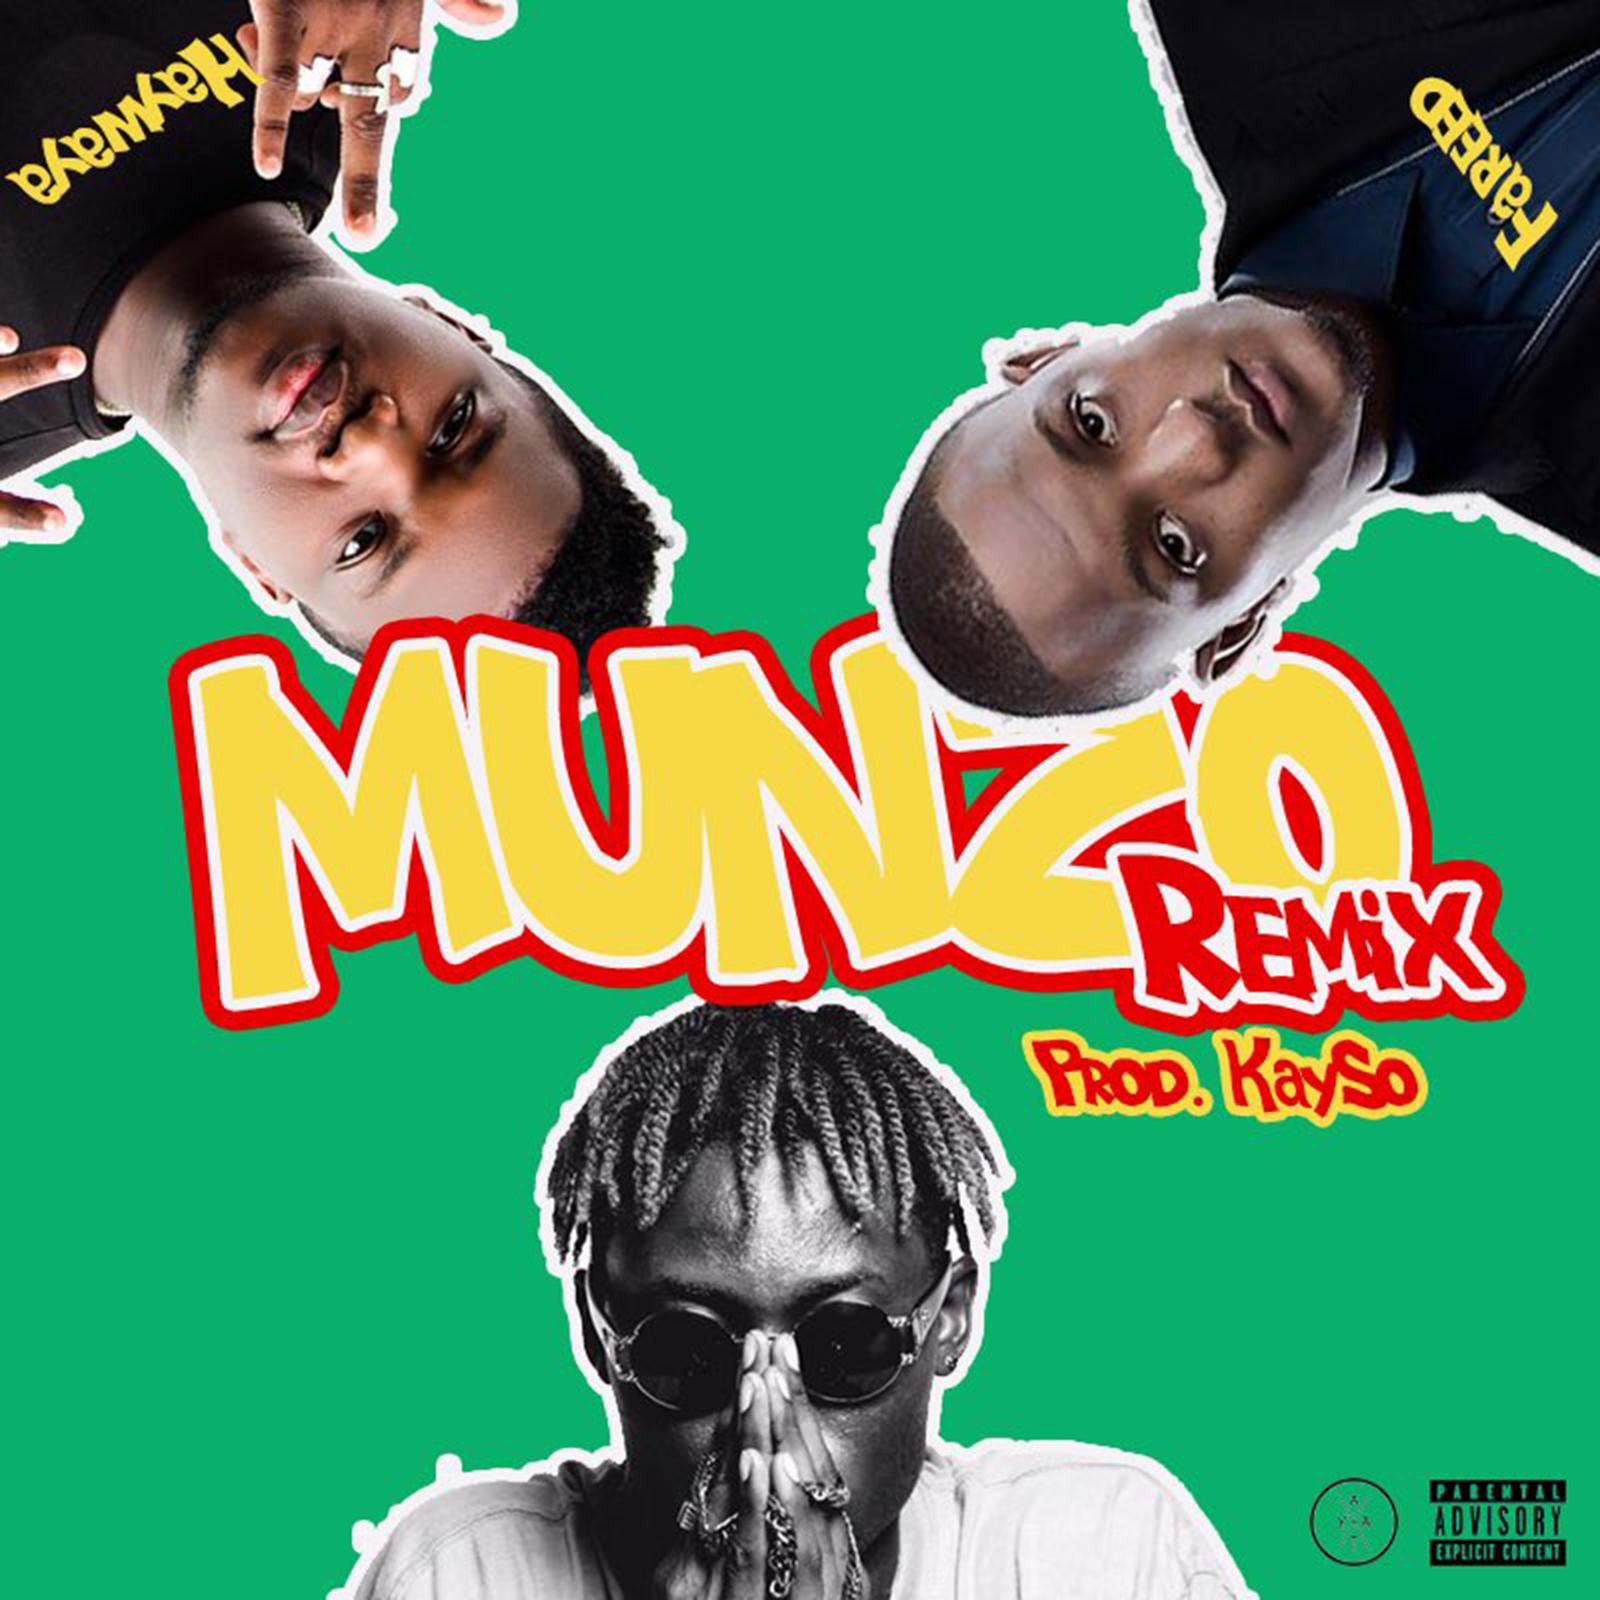 Munzo Remix by AYAT feat. Fareed & Hawaya